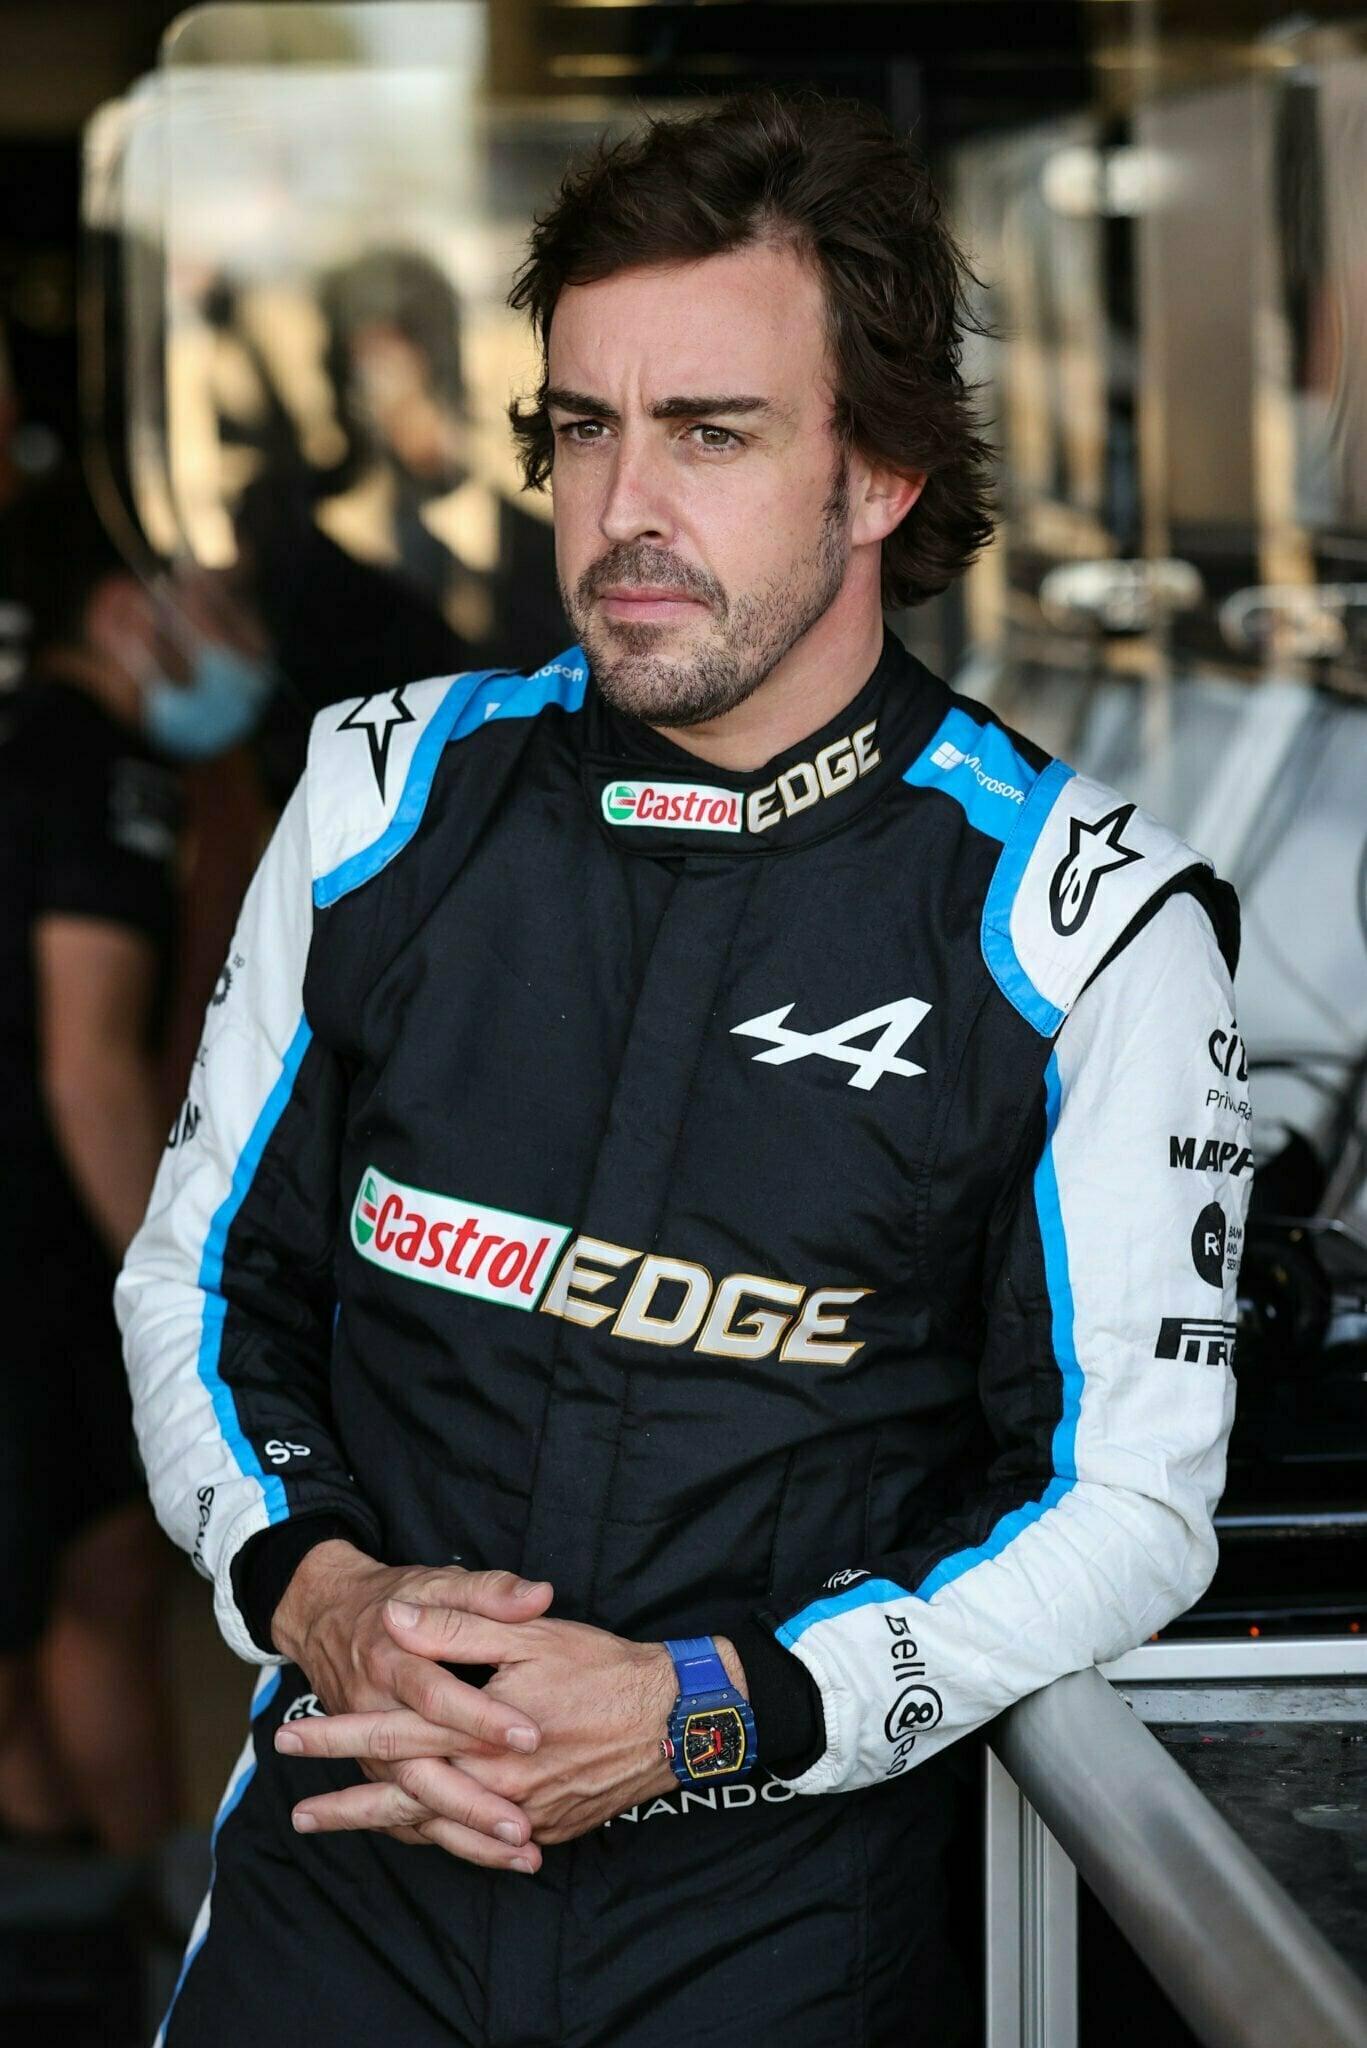 Alpine F1 Azebaijan Grand Prix Baku Alonso Ocon 2021 50   Alonso offre huit précieux points à Alpine F1 Team sur l'épreuve de Bakou